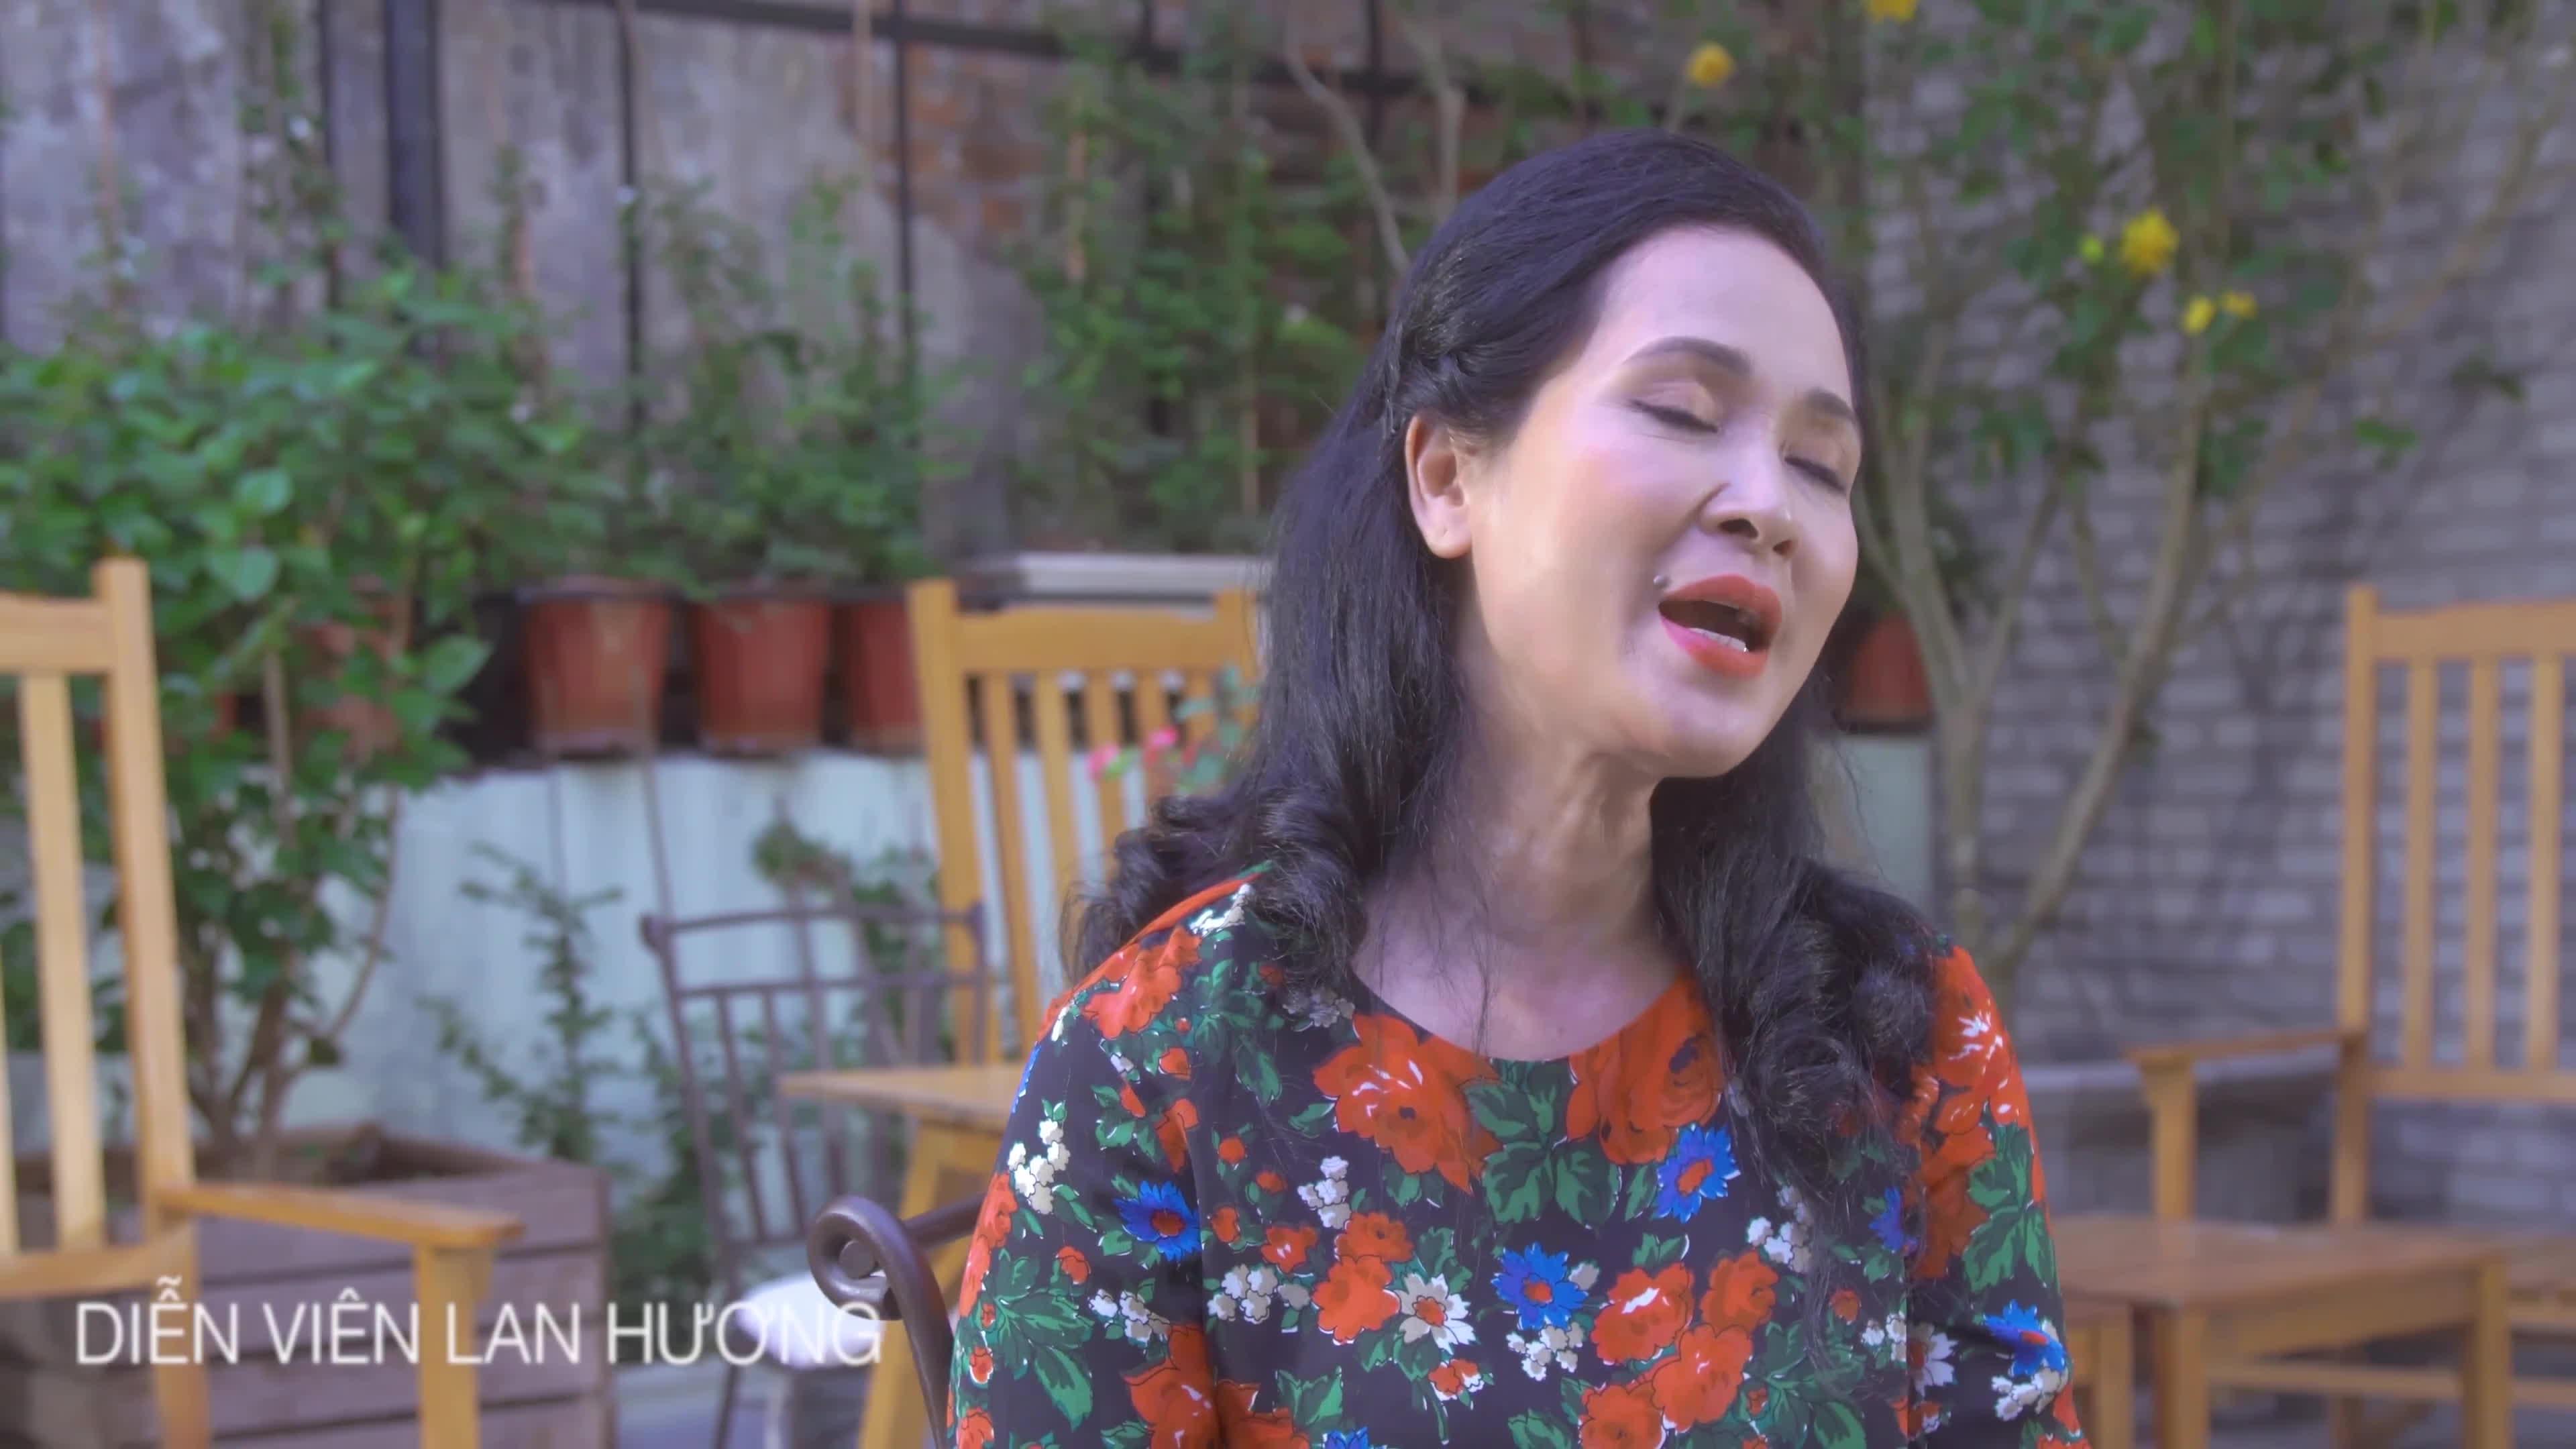 Mẹ chồng Lan Hương, Mỹ Linh gửi thông điệp yêu thương nhân Ngày của mẹ